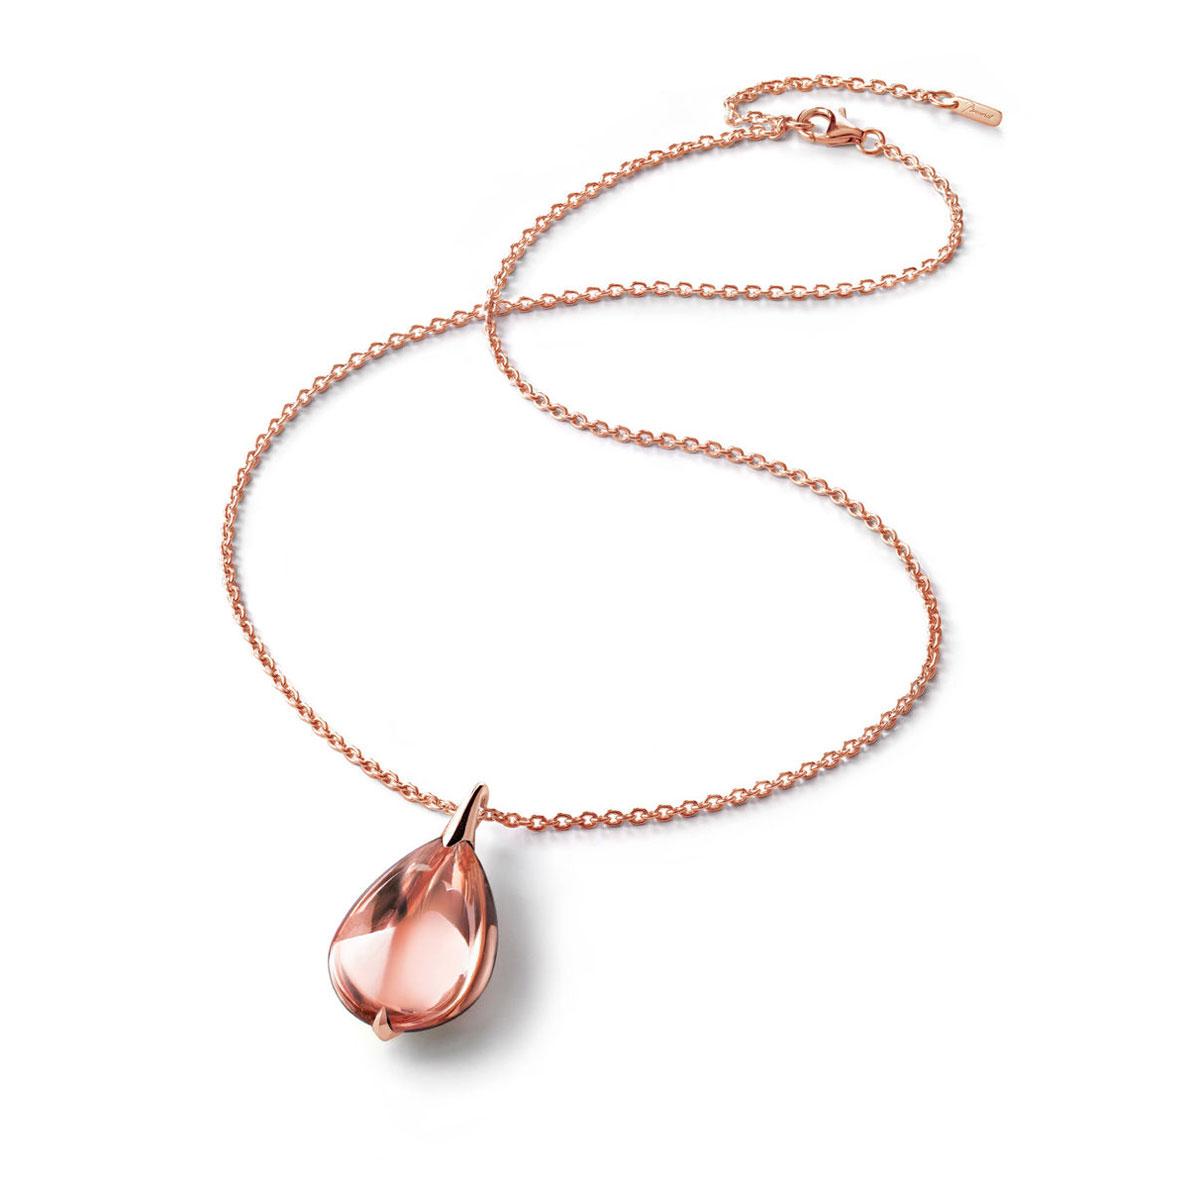 Baccarat Crystal Fleur De Psydelic Light Pink Rose Gold Vermeil Pendant Necklace